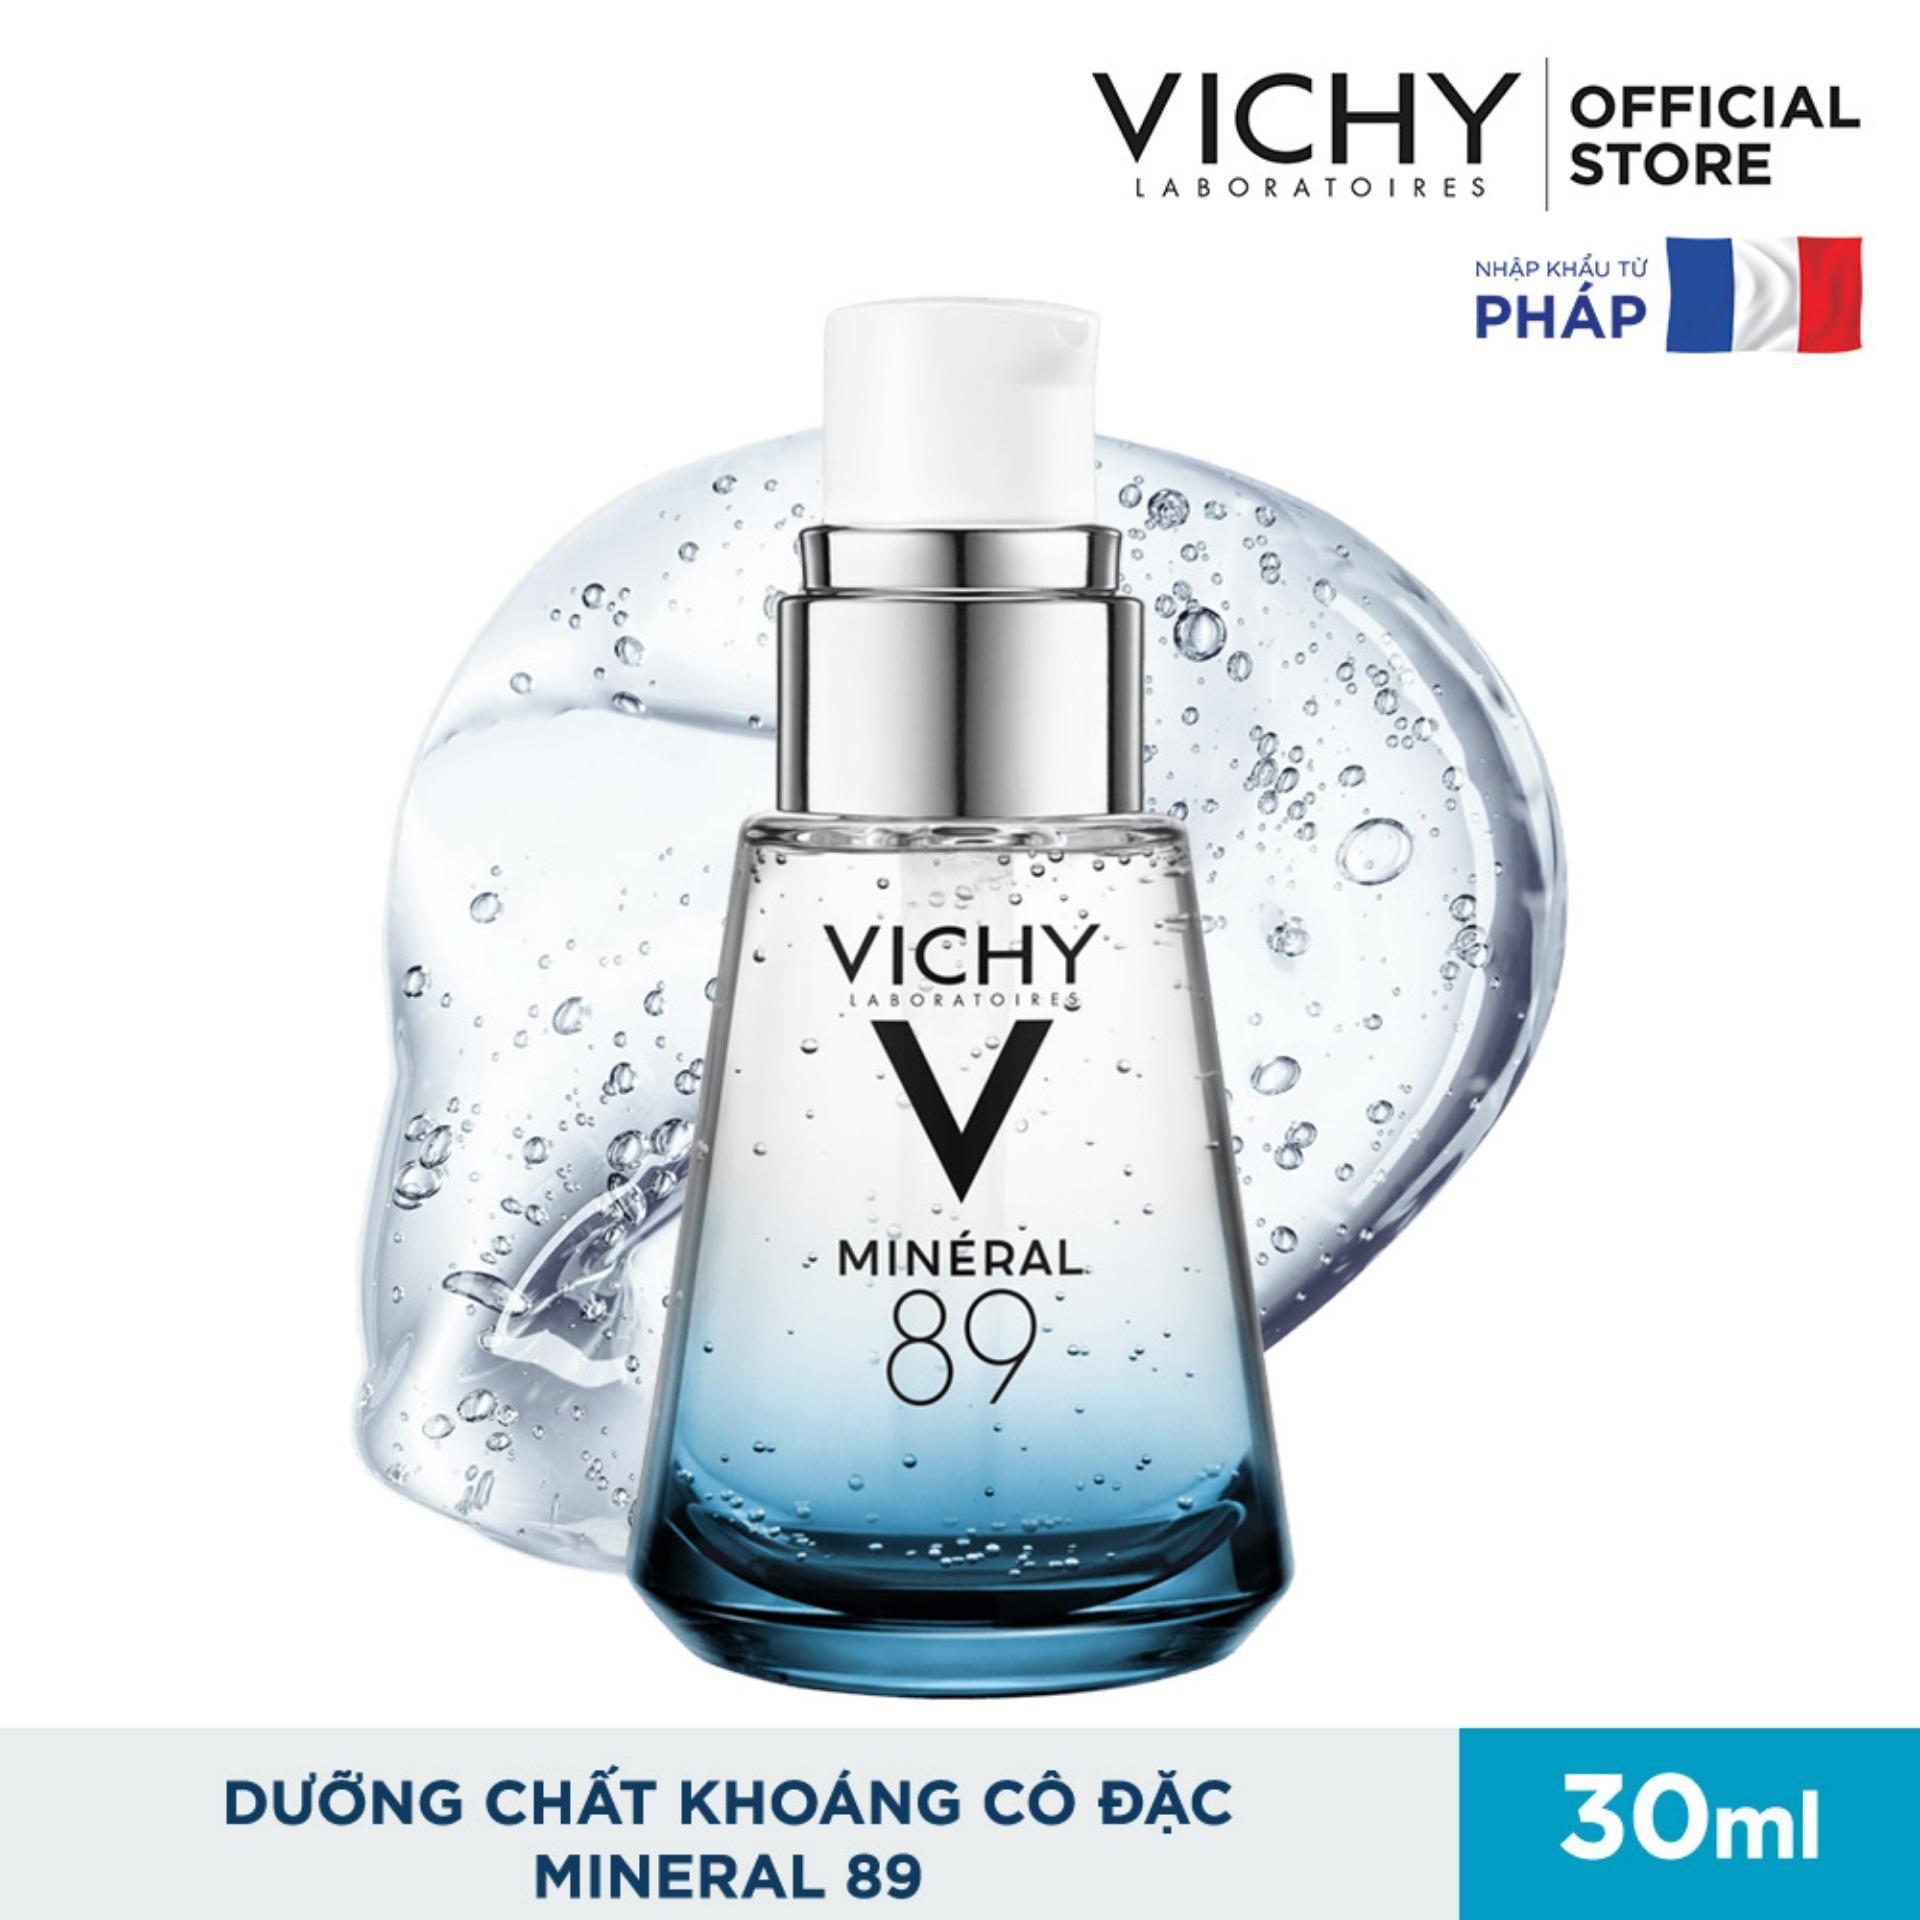 Dưỡng chất giàu khoáng chất Mineral 89 giúp da sáng mịn và căng mượt (Dành cho mọi loại da) 30ML